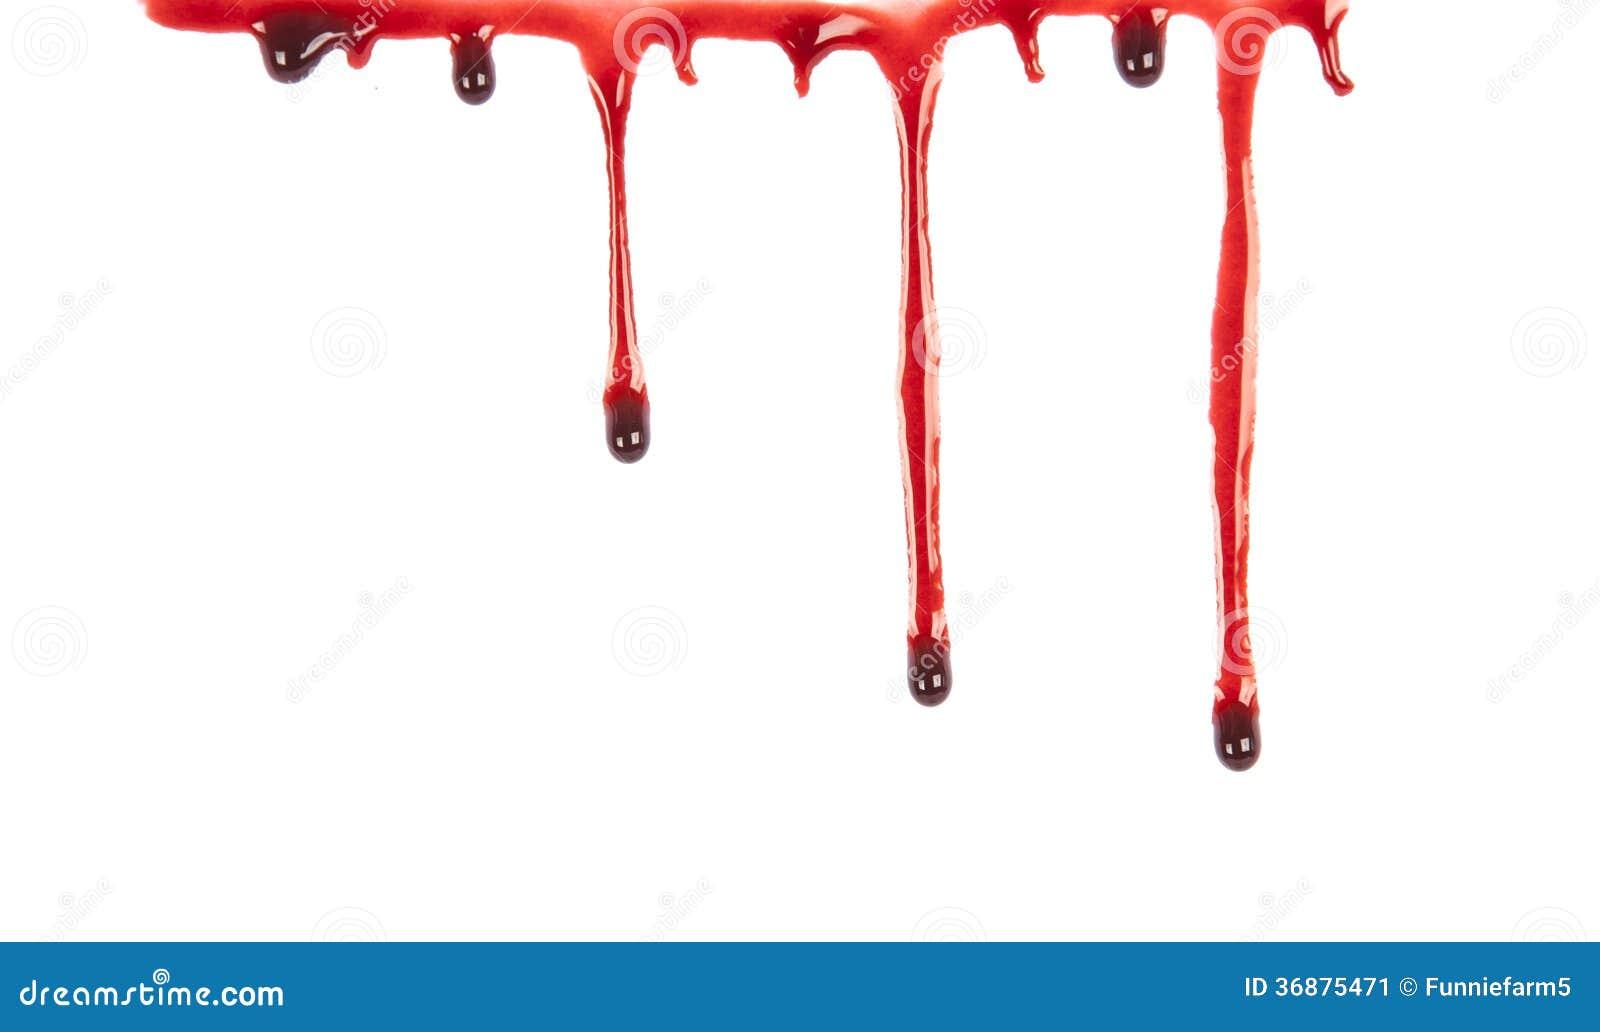 Download Sangue Della Sgocciolatura Isolato Su Bianco Illustrazione di Stock - Illustrazione di sporco, esplosione: 36875471